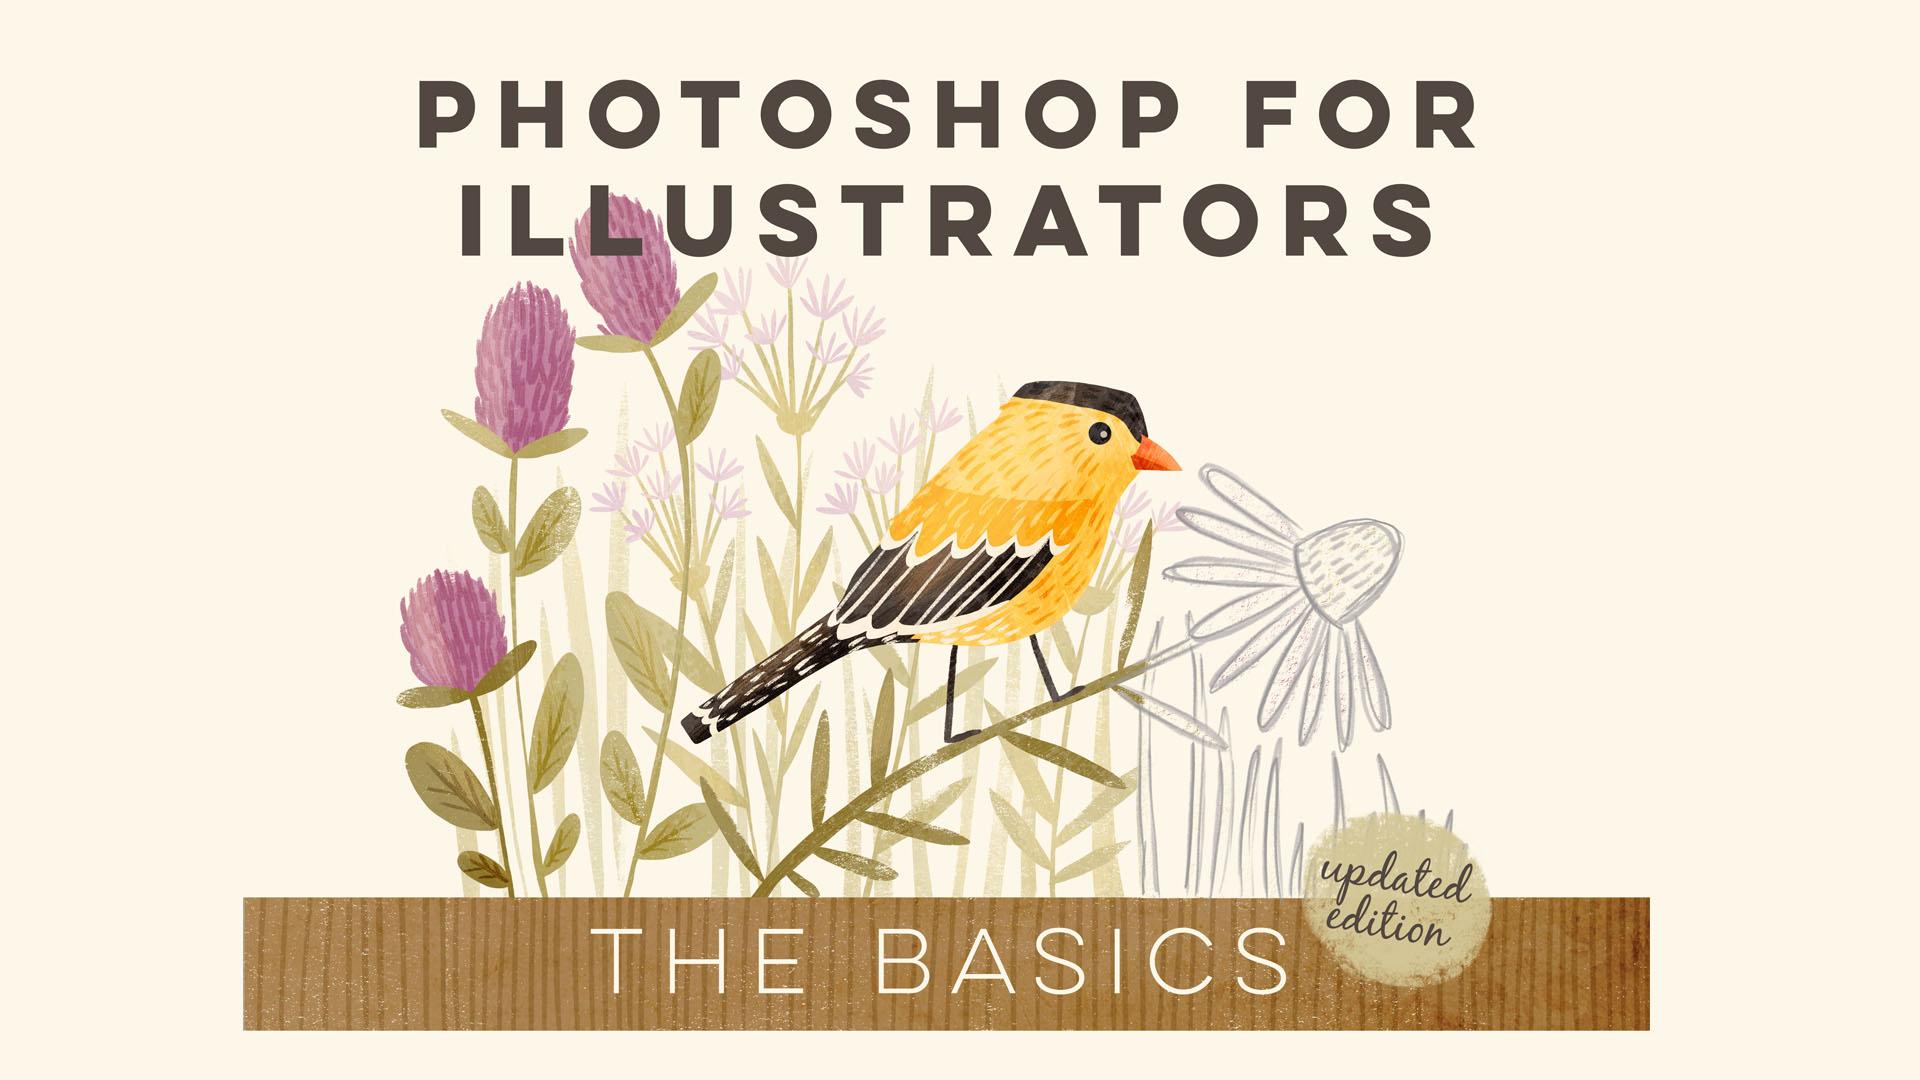 PS for illustrators_thebasics.jpg